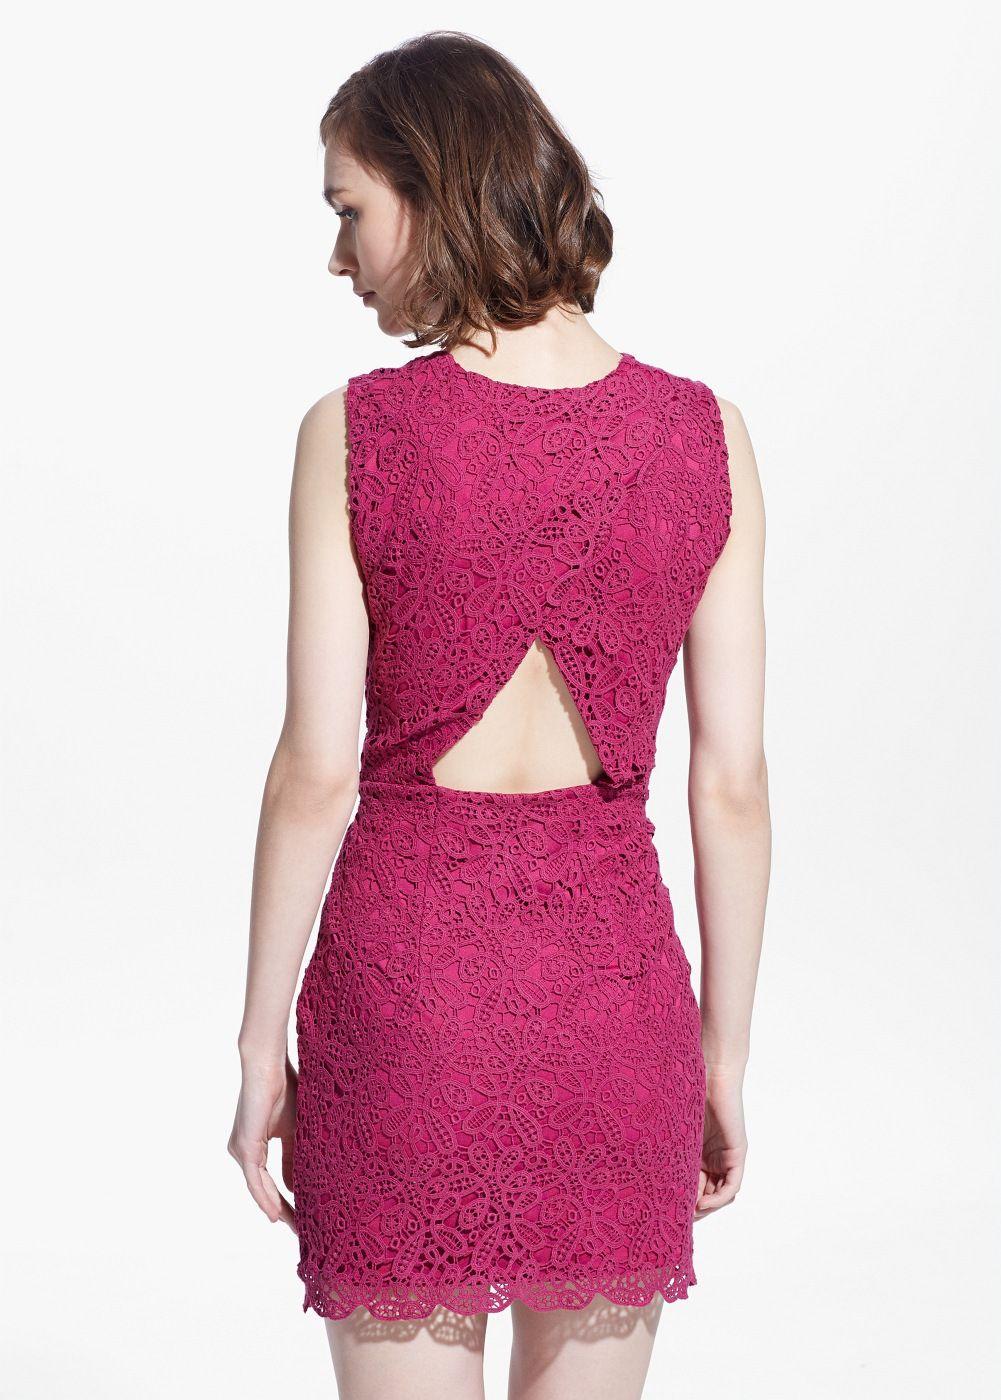 Vestido guipur abertura | Vestido guipur, Aberturas y Vestiditos